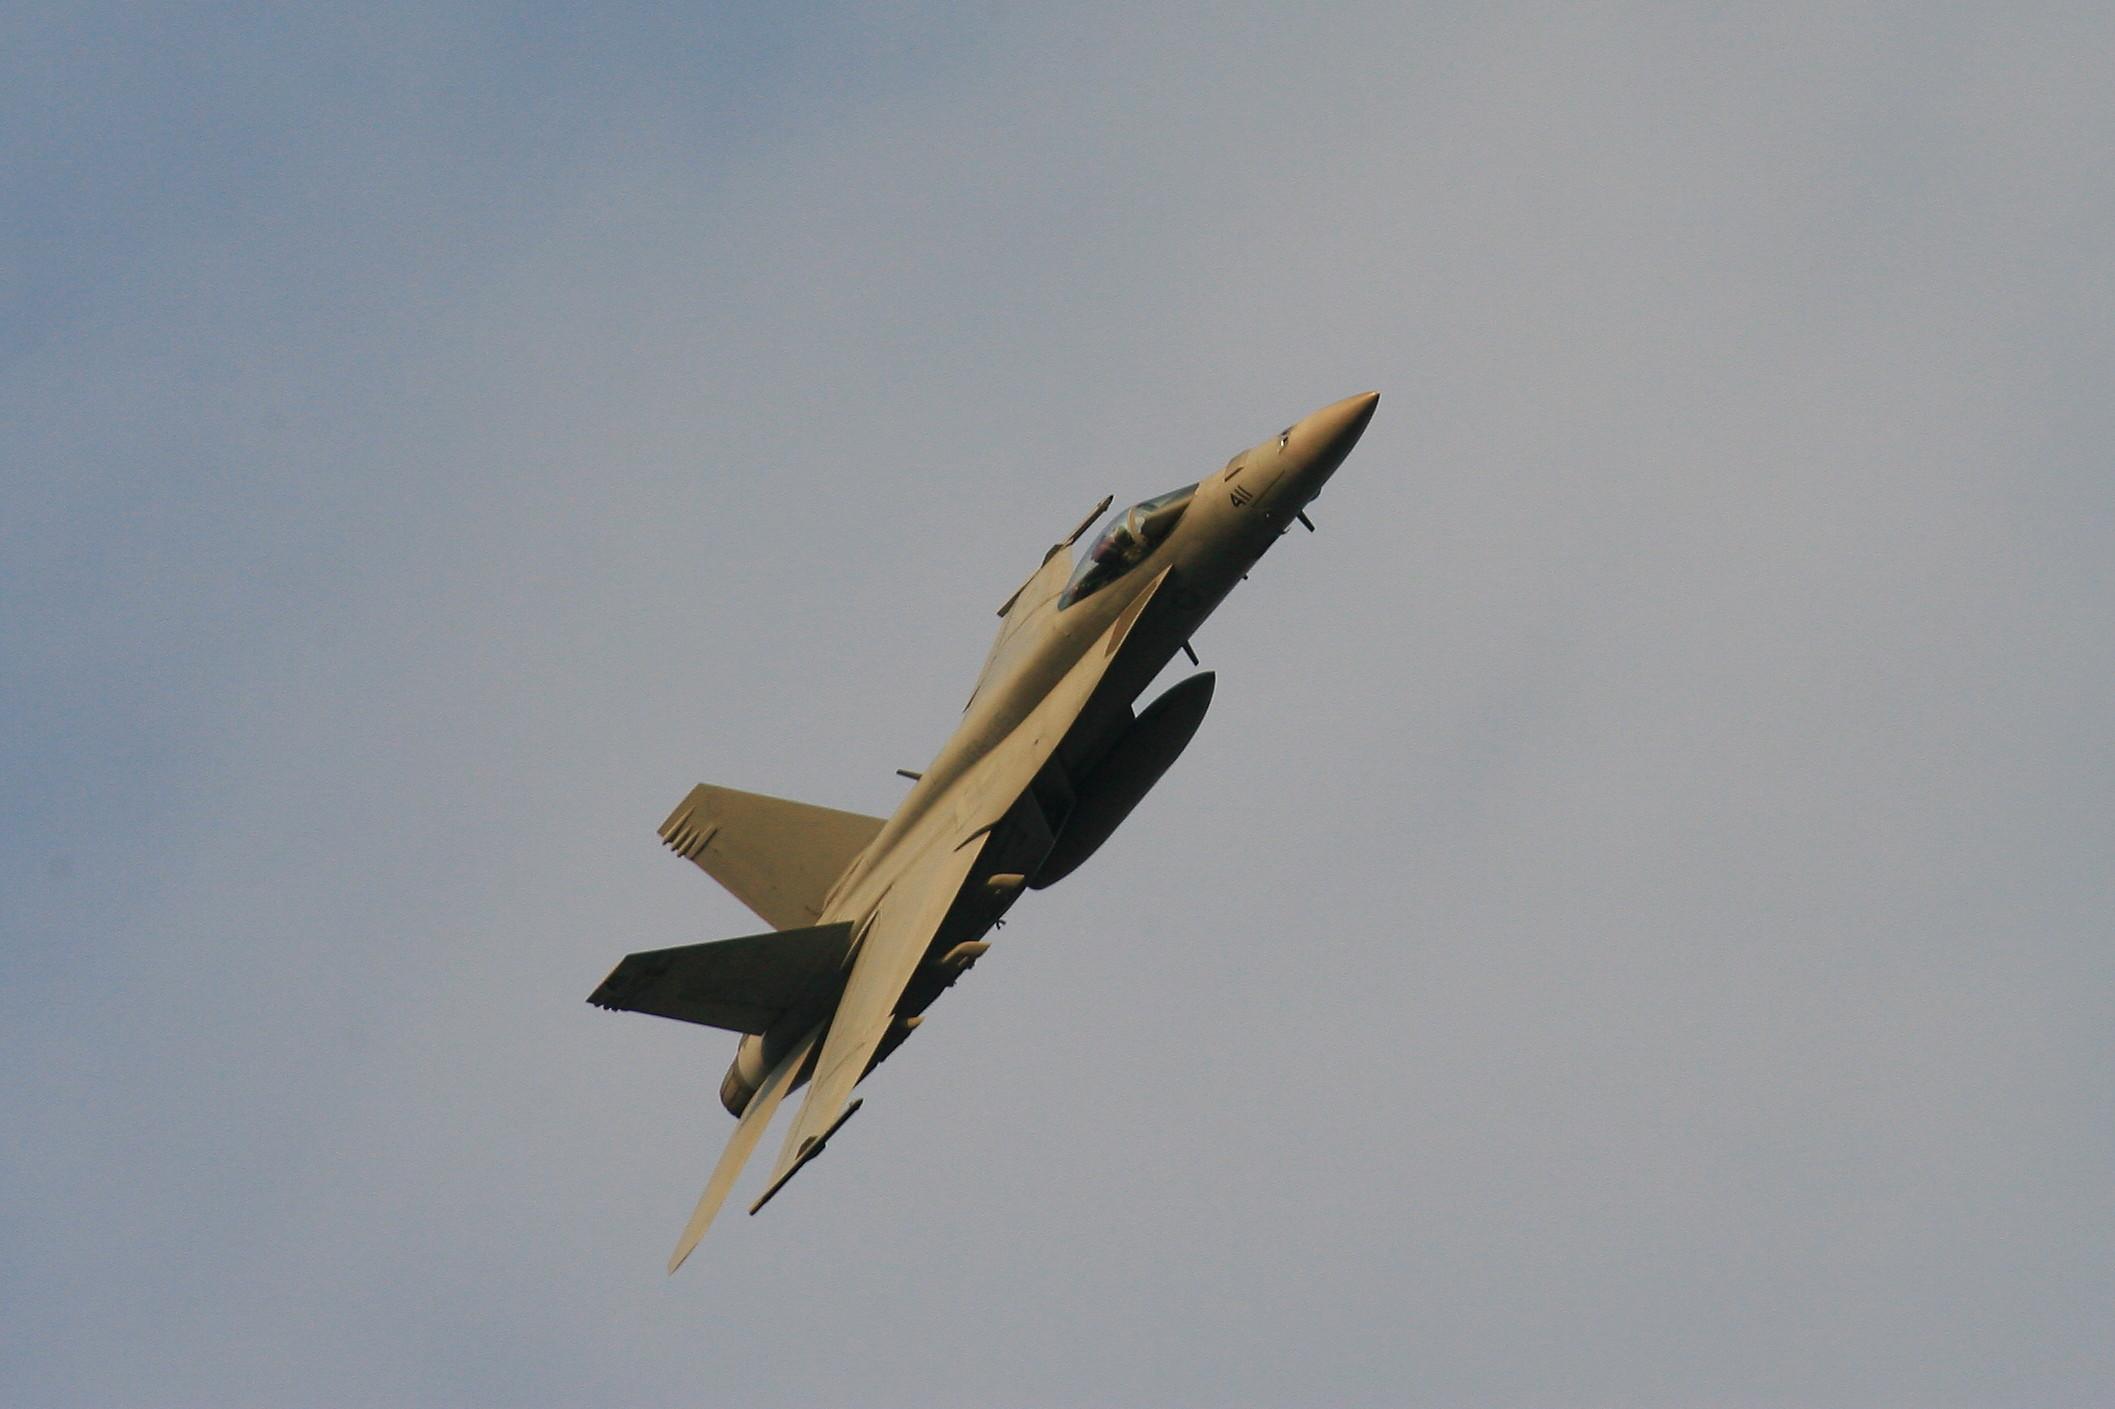 ドドぉ~んと、戦闘機の在庫整理です。_c0247982_2240789.jpg